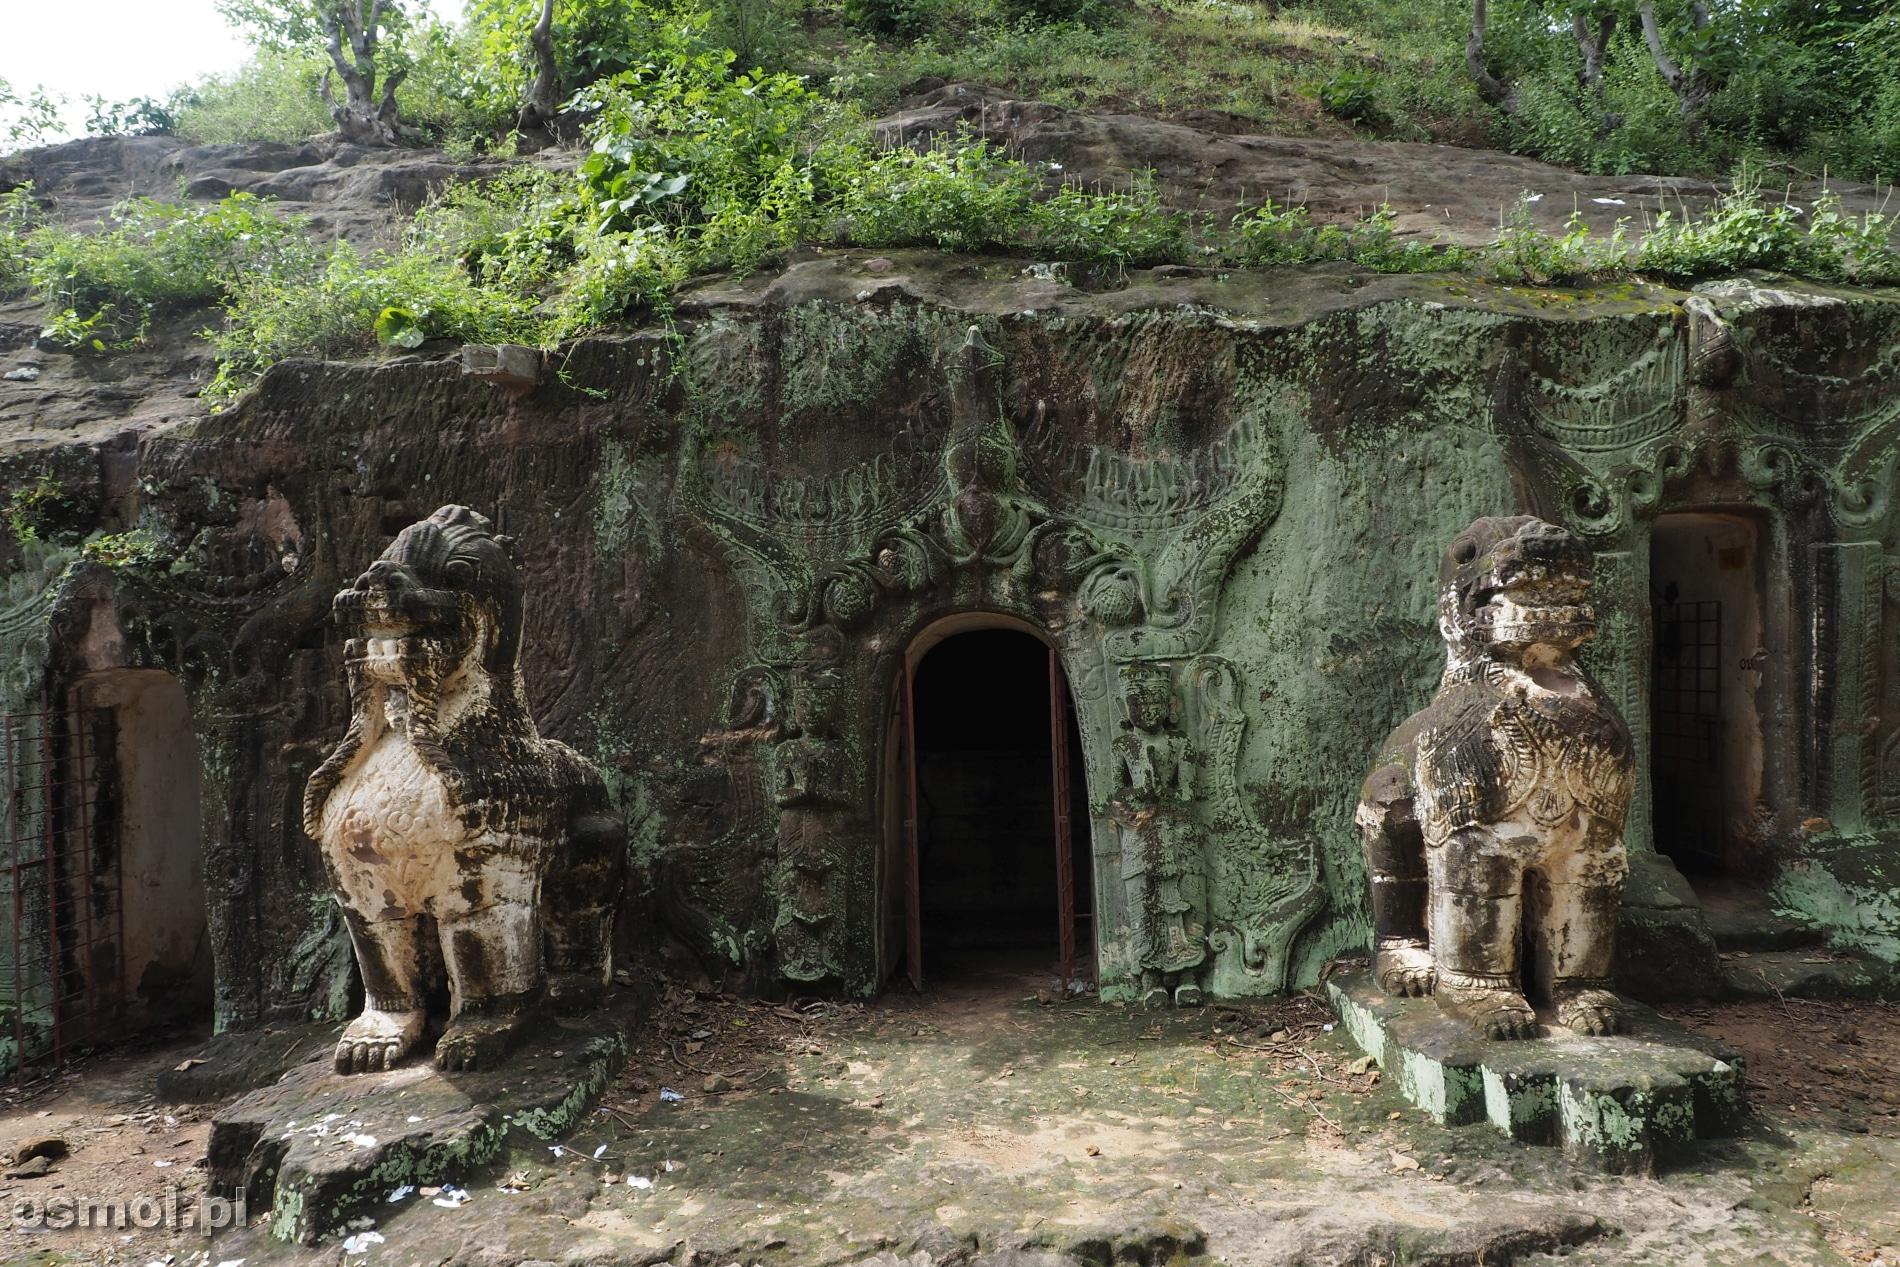 Rzeźby przed grotami w Pho Win Daung